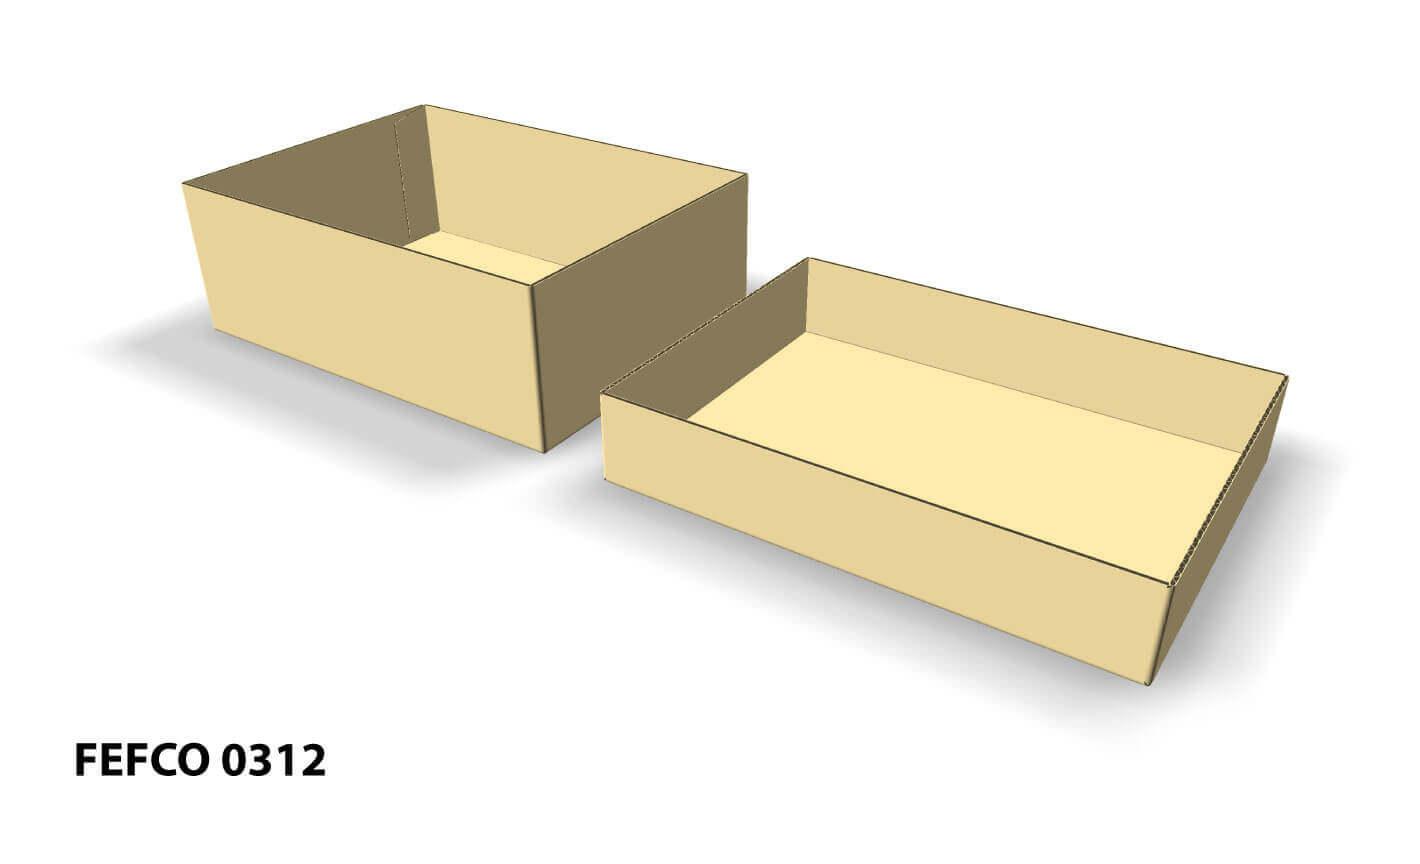 Imagen 3D de caja fefco 0312 con tapa